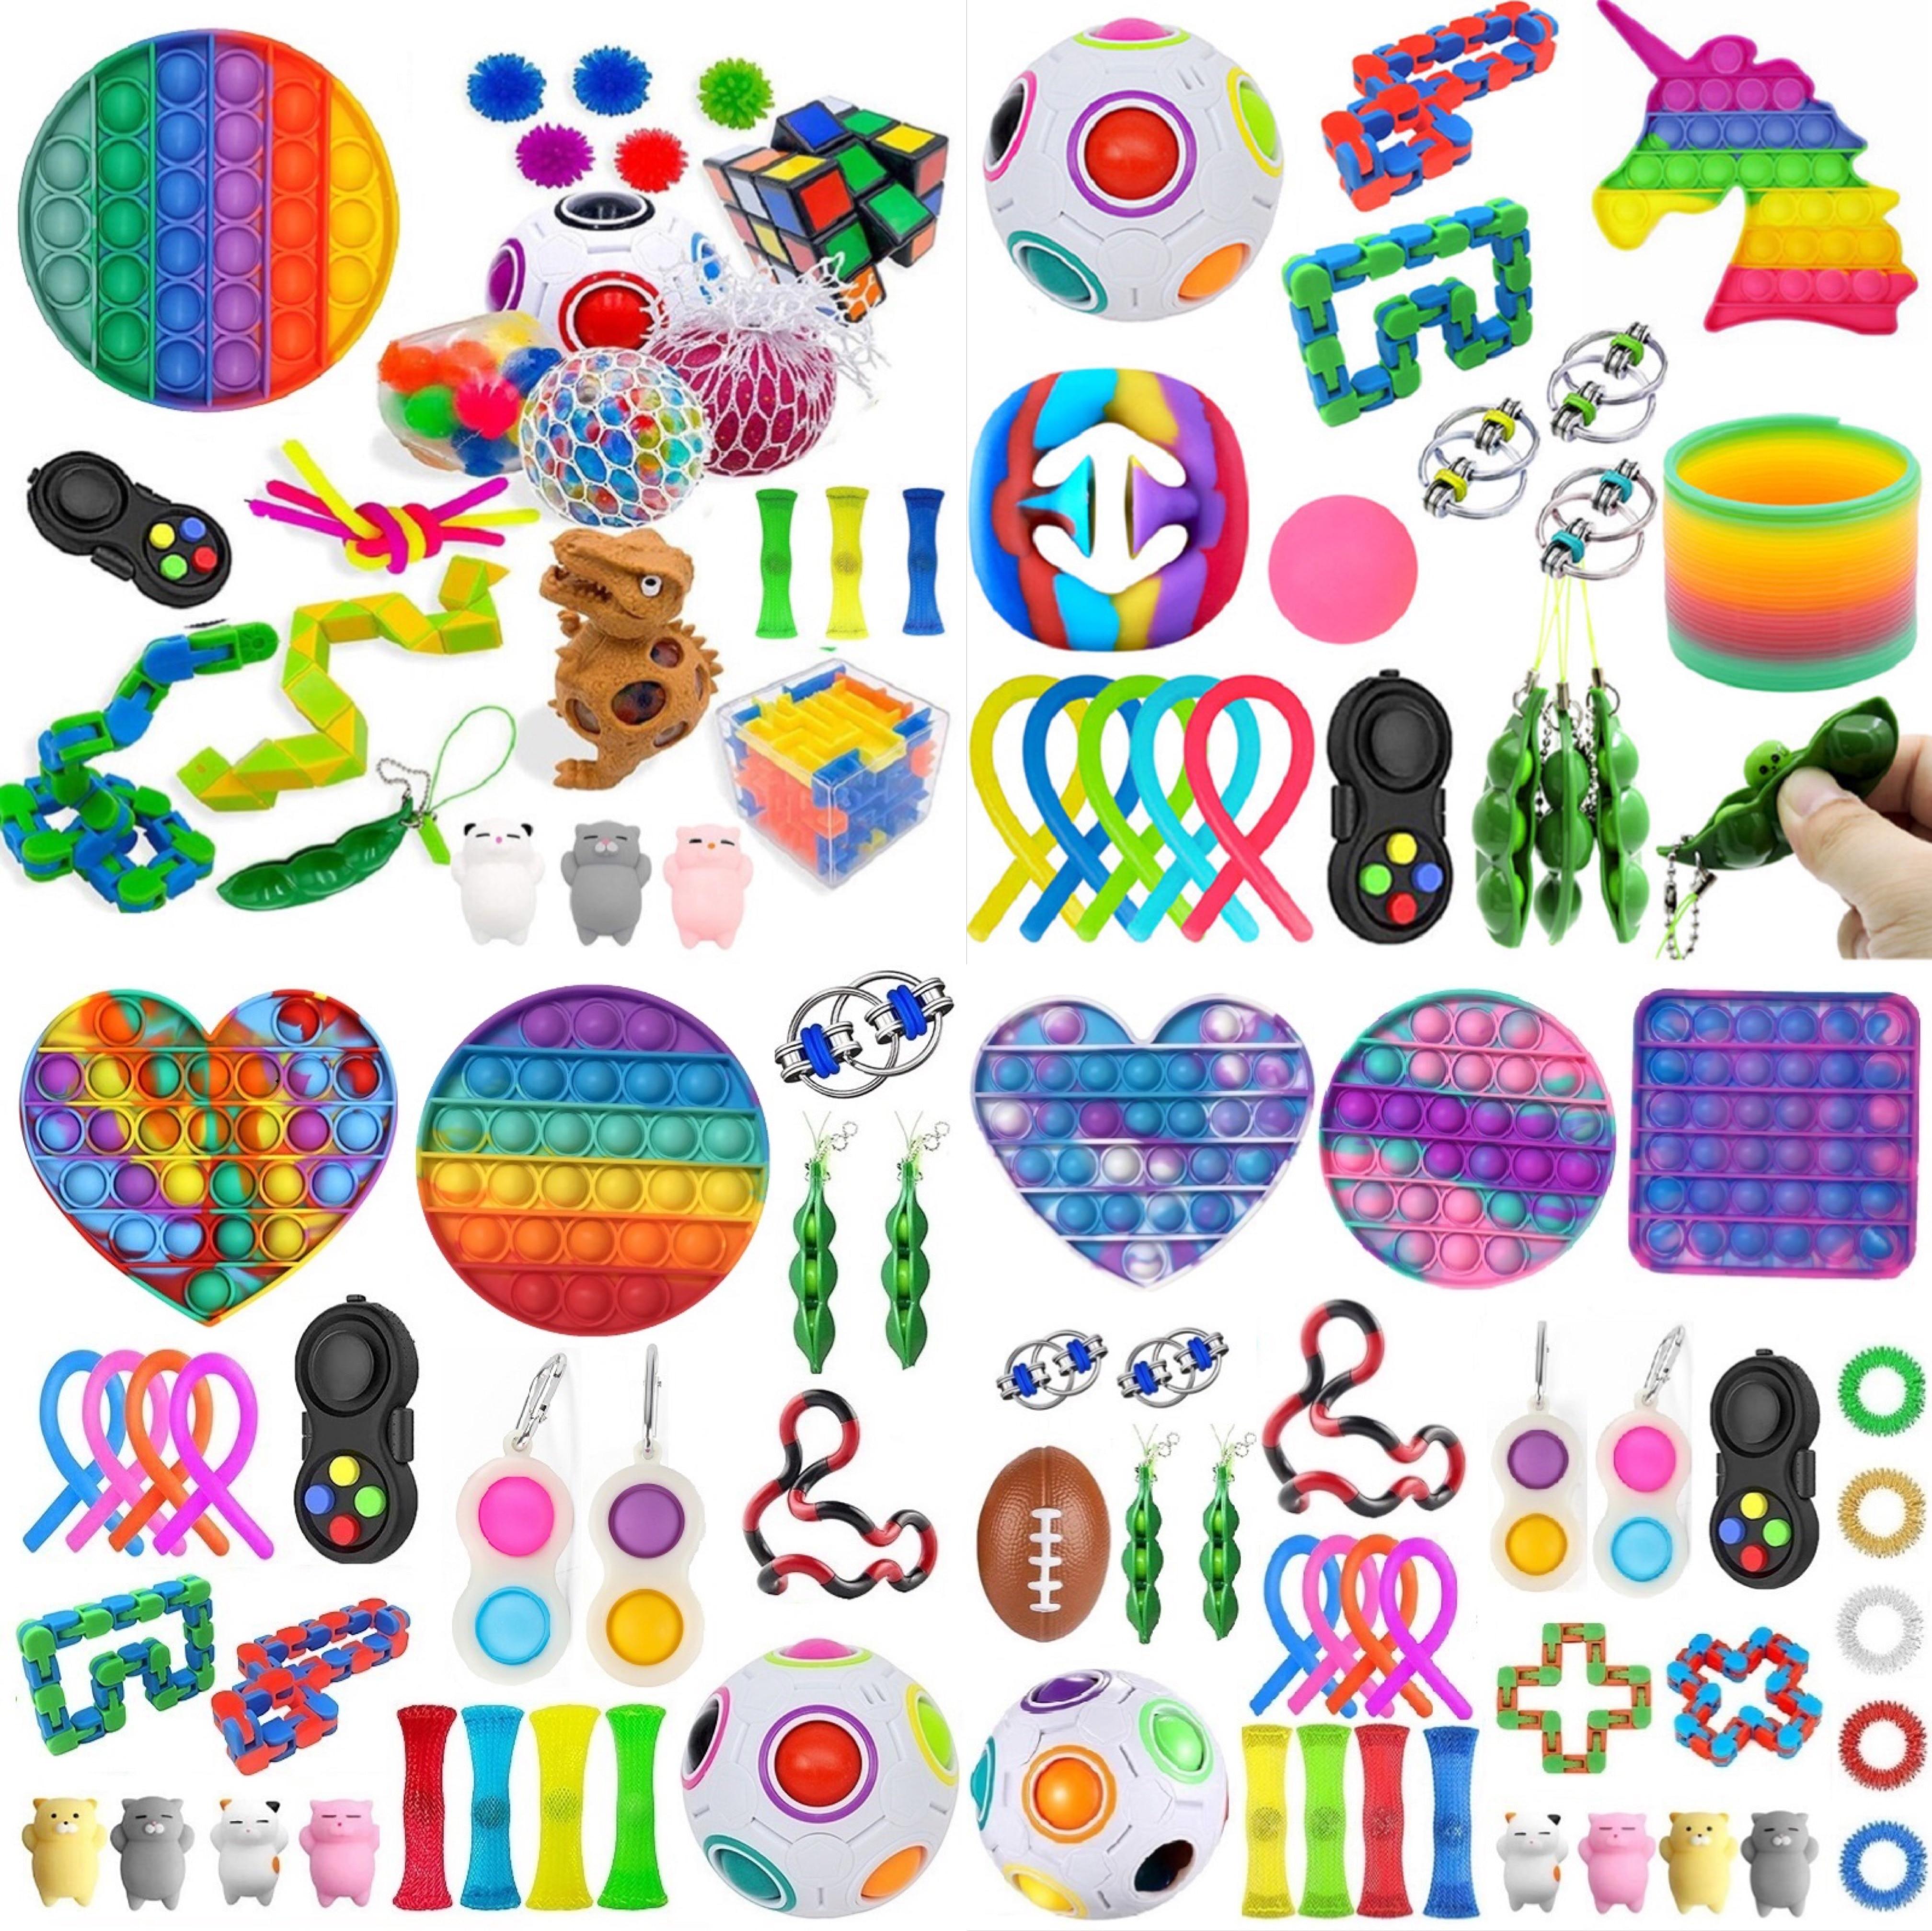 Топ Непоседа упаковка игрушек, игрушка для снятия стресса в набор игрушек мрамор рельеф подарок для взрослых девочек детей сенсорной антис...